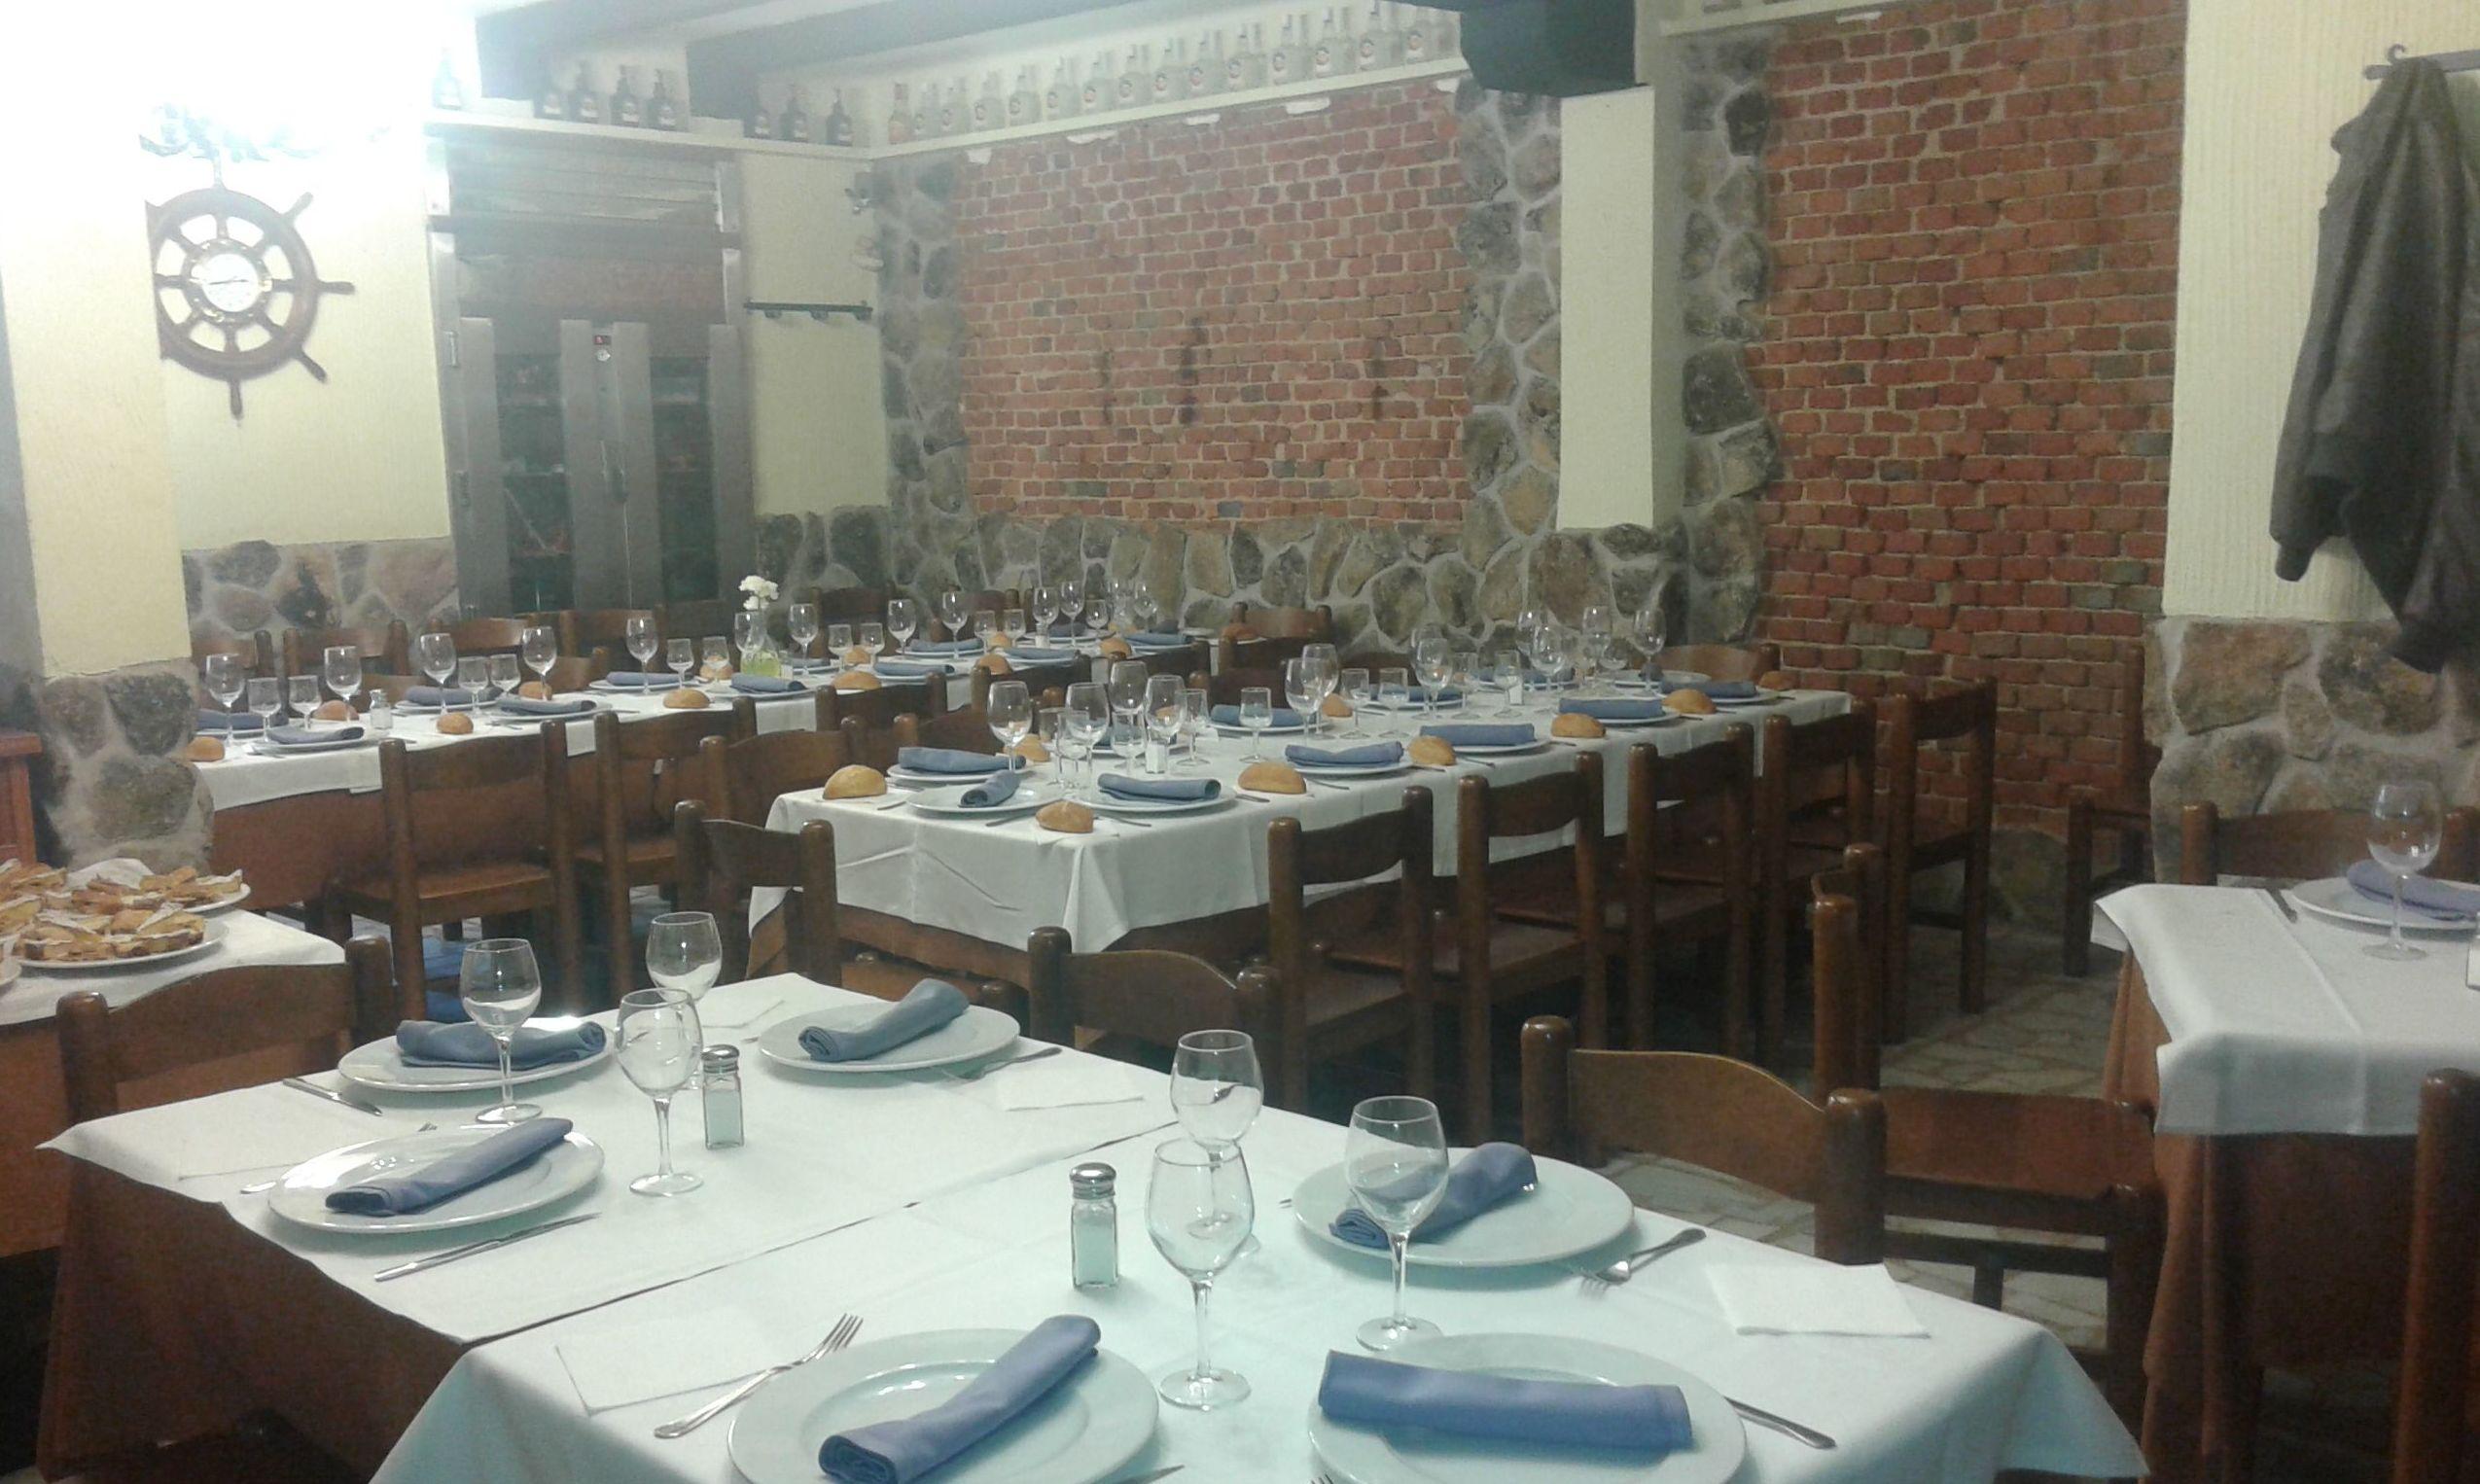 Foto 7 de Cocina asturiana en Guadalix de la Sierra | Restauranate Asturiano el Principado